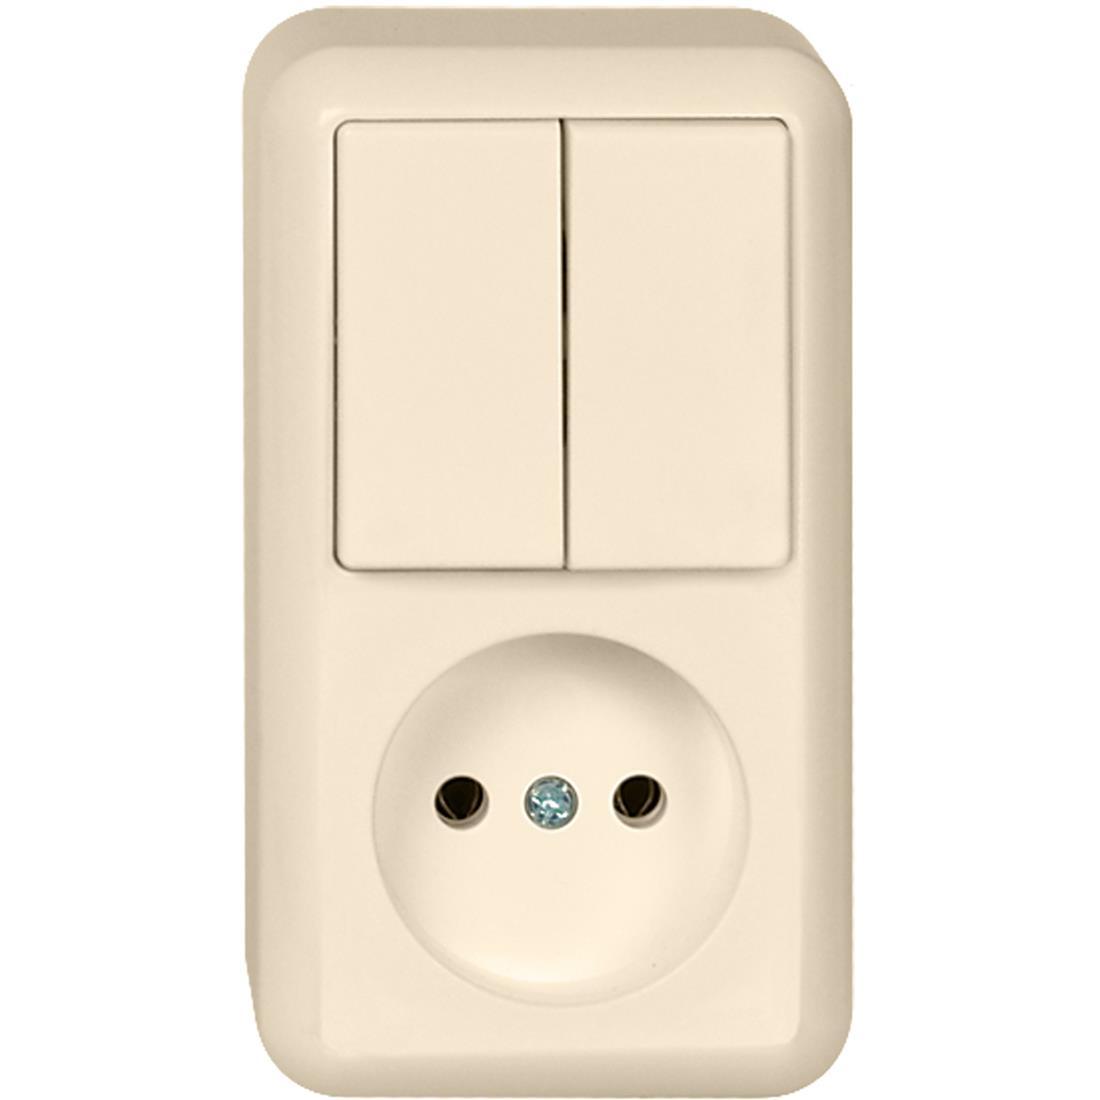 Schneider Electric Contura opbouw combinatie enkelvoudige wandcontactdoos zonder randaarde + serieschakelaar - crème wit (399500)